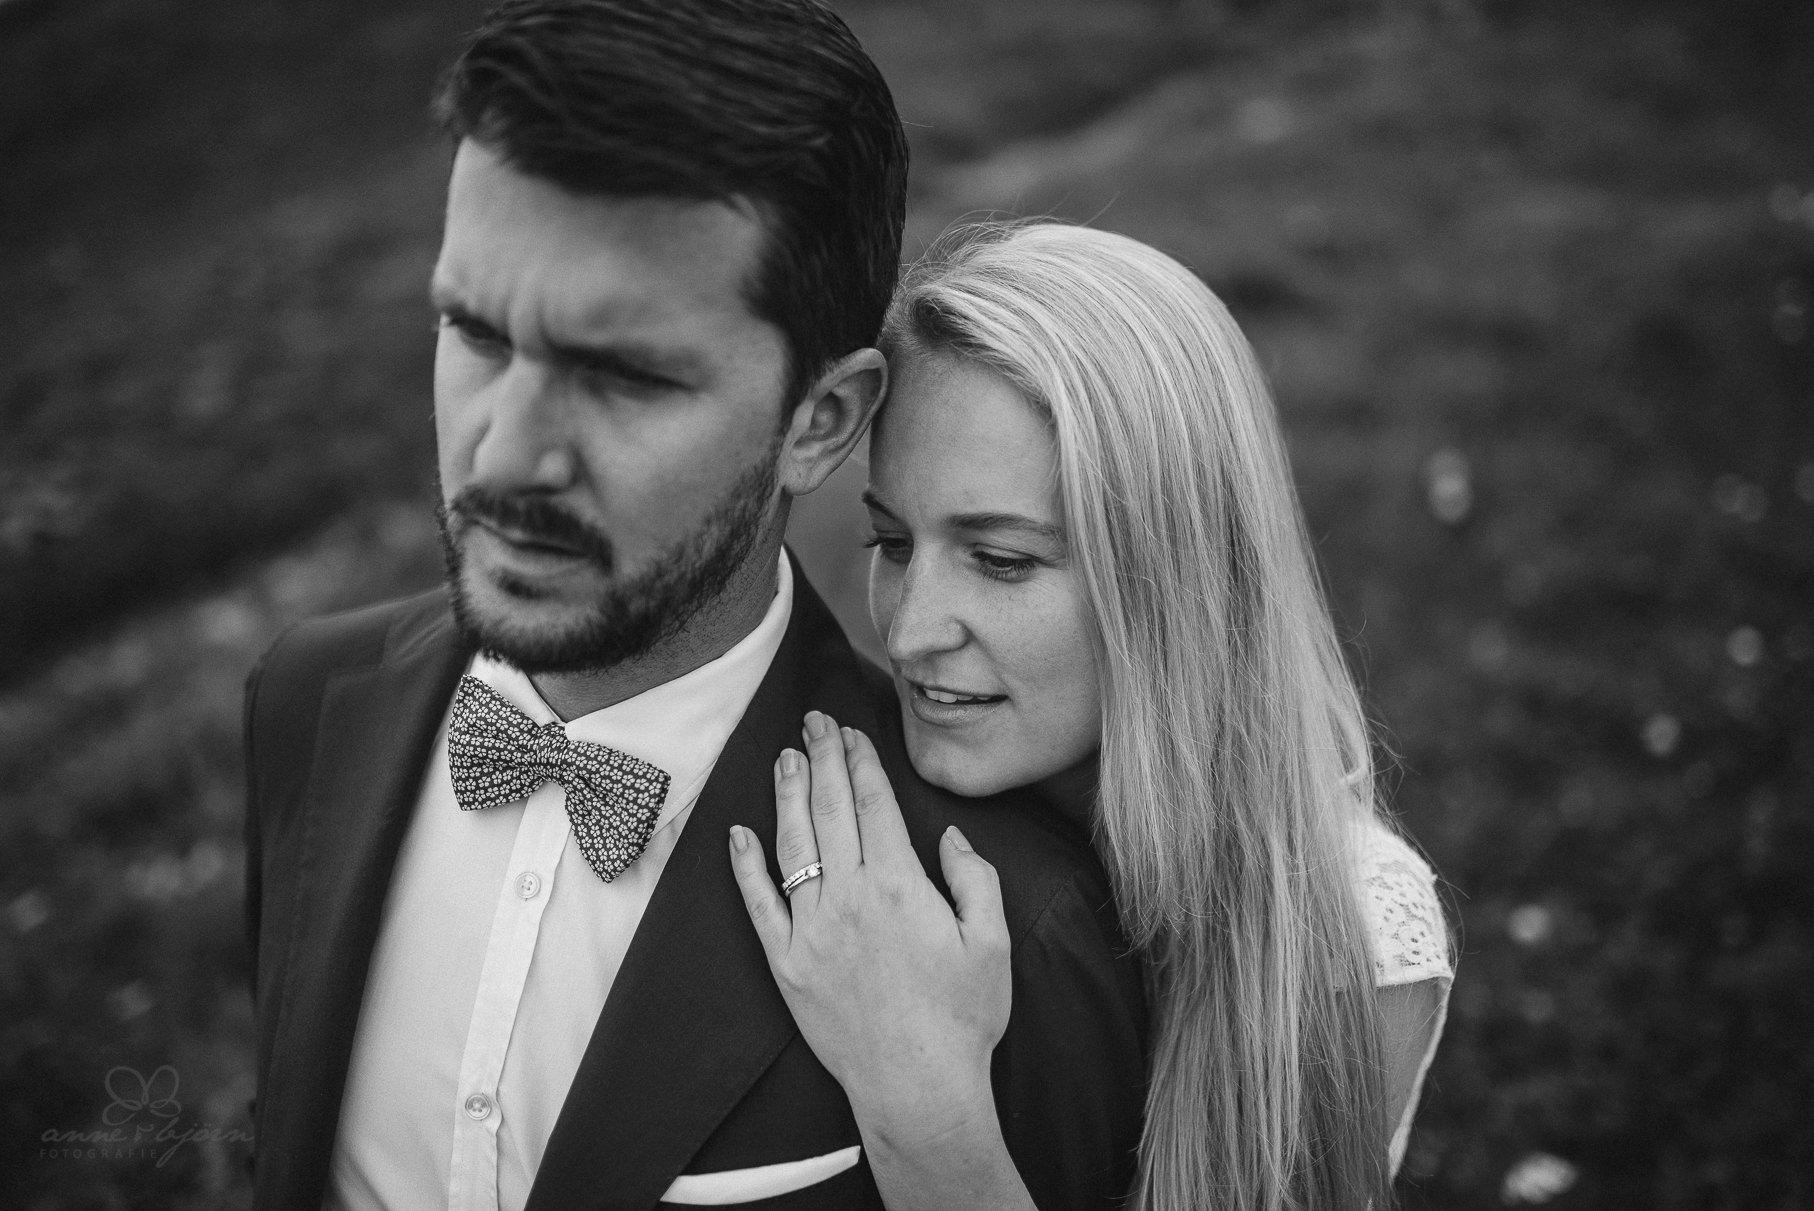 0020 anne und bjoern suc schweiz d75 3056 - After Wedding Shooting in der Schweiz - Sabrina & Christoph